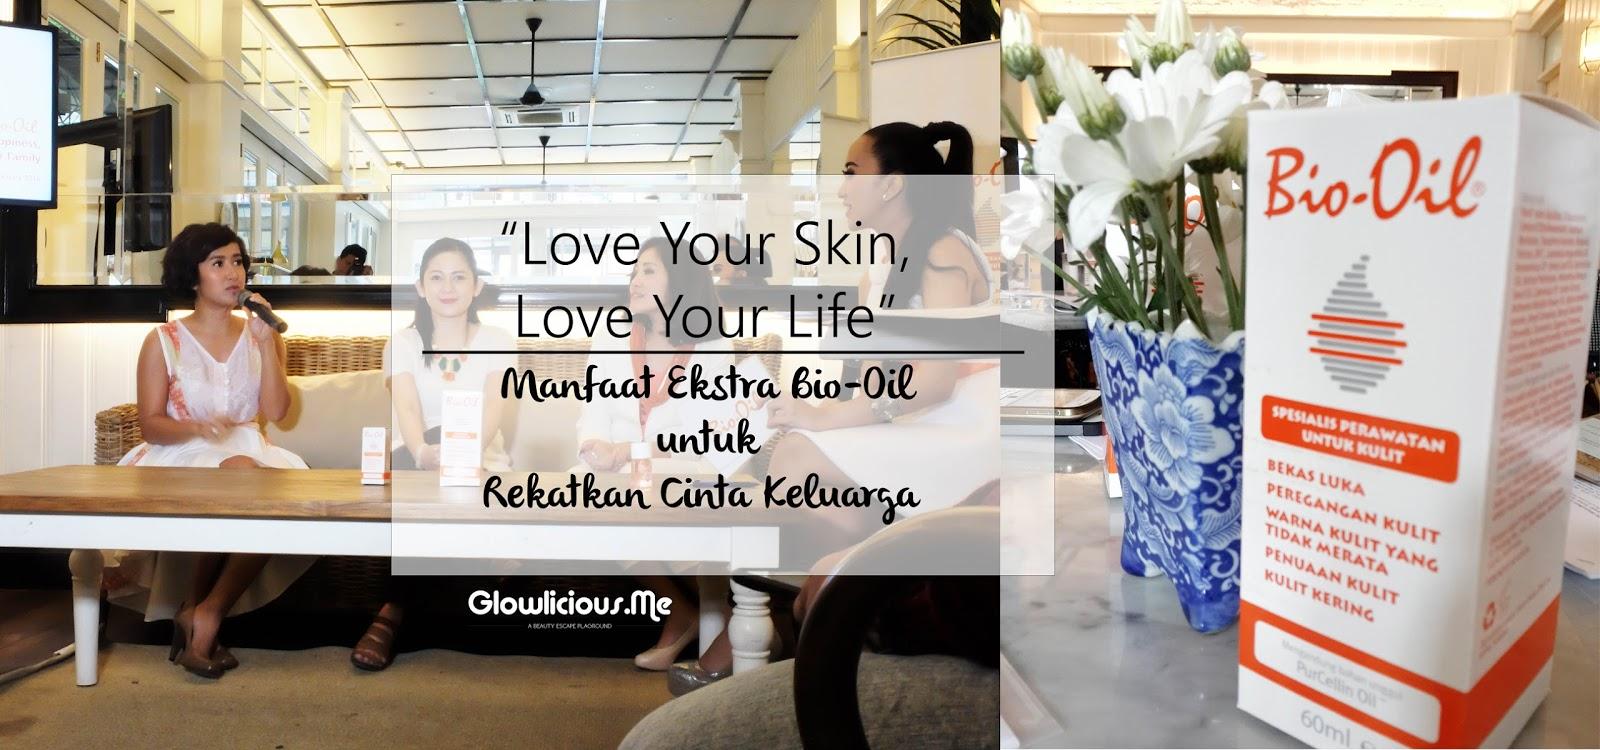 """Hello hello,  Seneng banget bisa join event """"Love Your Skin, Love Your Life"""" - Manfaat Ekstra Bio-Oil untuk Rekatkan Cinta Keluarga ini^^ Kenapa? Ya, karena Bio Oil juga sudah menemaniku setahun belakangan ini untuk menyamarkan stretchmark dan bekas luka caesarku.                Acaranya seru banget karena selain dipandu oleh seorang MC Aliza yang cantik plus gokil, juga menghadirkan Mba Ida Ayu Suksmawadanti, perwakilan PT. Radiant Sentral Nutrindo, Mba Nurhayatini, Product Manager PT. Radiant Sentral Nutrindo, Ibu Rosdiana Setyaningrum, MPsi, MHPE dan Mba Widi Mulia (personil grup vokal Be3) sebagai nara sumber.   Mba Ida Ayu Suksmawadanti, perwakilan PT. Radiant Sentral Nutrindo Mba Ida Ayu Suksmawadanti menjelaskan melalui campaign Love Your Skin, Love Your Life"""" - Manfaat Ekstra Bio-Oil untuk Rekatkan Cinta Keluarga ini, Bio Oil mengajak para wanita Indonesia untuk pandai menyiasati ritual perawatan diri. Sehingga manfaatnya dapat dirasakan baik oleh diri sendiri maupun keluarga yang menjadi sumber kebahagiaan kita sebagai wanita. Kulit yang sehat dan terawat akan meningkatkan kepercayaan diri wanita yang akhirnya dapat membantu menciptakan aura positif pada keluarga sebagai lingkup terdekat seorang ibu. Dan dengan tercapainya keluarga yang sehat dapat memberikan kebahagiaan seutuhnya bagi seorang ibu.     Ibu Rosdiana Setyaningrum, MPsi, MHPE Seiring dengan ungkapan mba Ida,  Ibu Rosdiana juga mengatakan hal yang senada. """"Bahwa pada dasarnya, wanita mempunyai pengaruh yang lebih dominan terhadap keluarganya. Hal ini juga berlaku pada saat seorang wanita merasa bahagia, maka perasaan tersebut memiliki efek domino yang membuat seluruh anggota keluarganya pun turut merasakan hal serupa, yaitu rasa bahagia juga. Perlu kita ketahui, salah satu cara untuk menciptakan kebahagiaan seorang wanita adalah dengan memelihara kepercayaan dirinya. Kita tau persis bahwa seorang wanita mengalami berbagai perubahan fisik maupun psikologis sepanjang fase kehidupannya, sejak usia"""